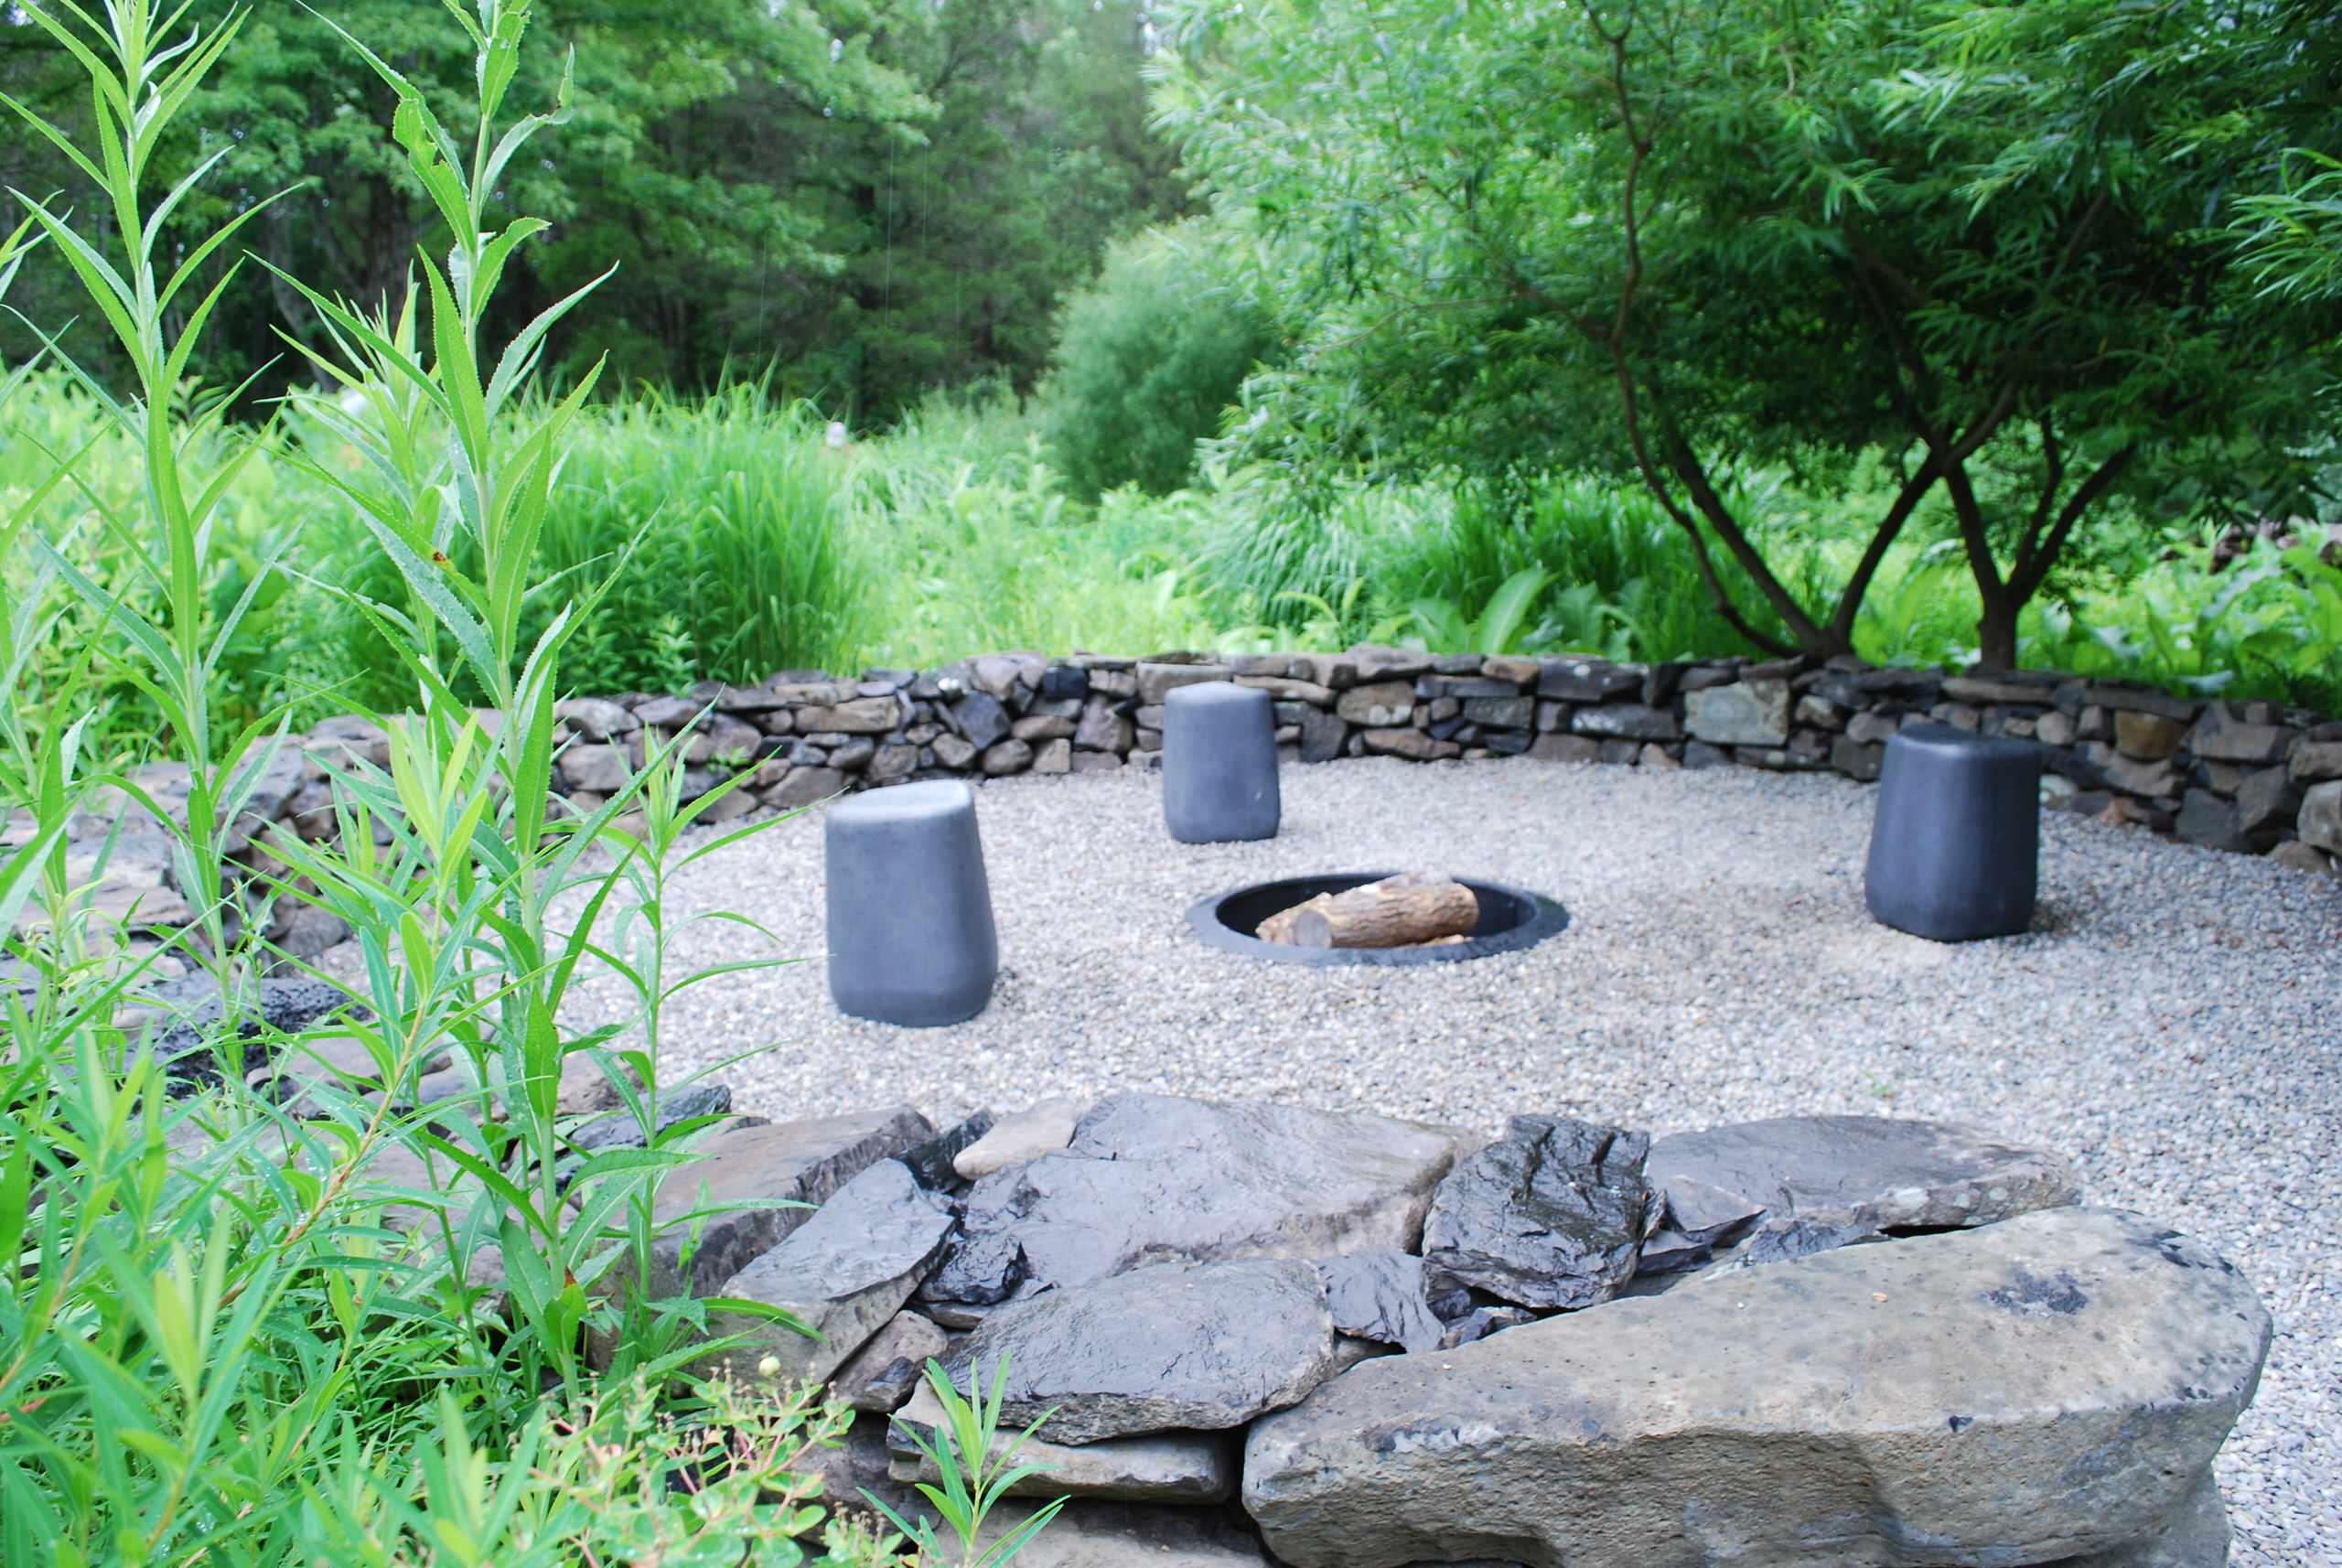 James Golden's Garden at Federal Twist